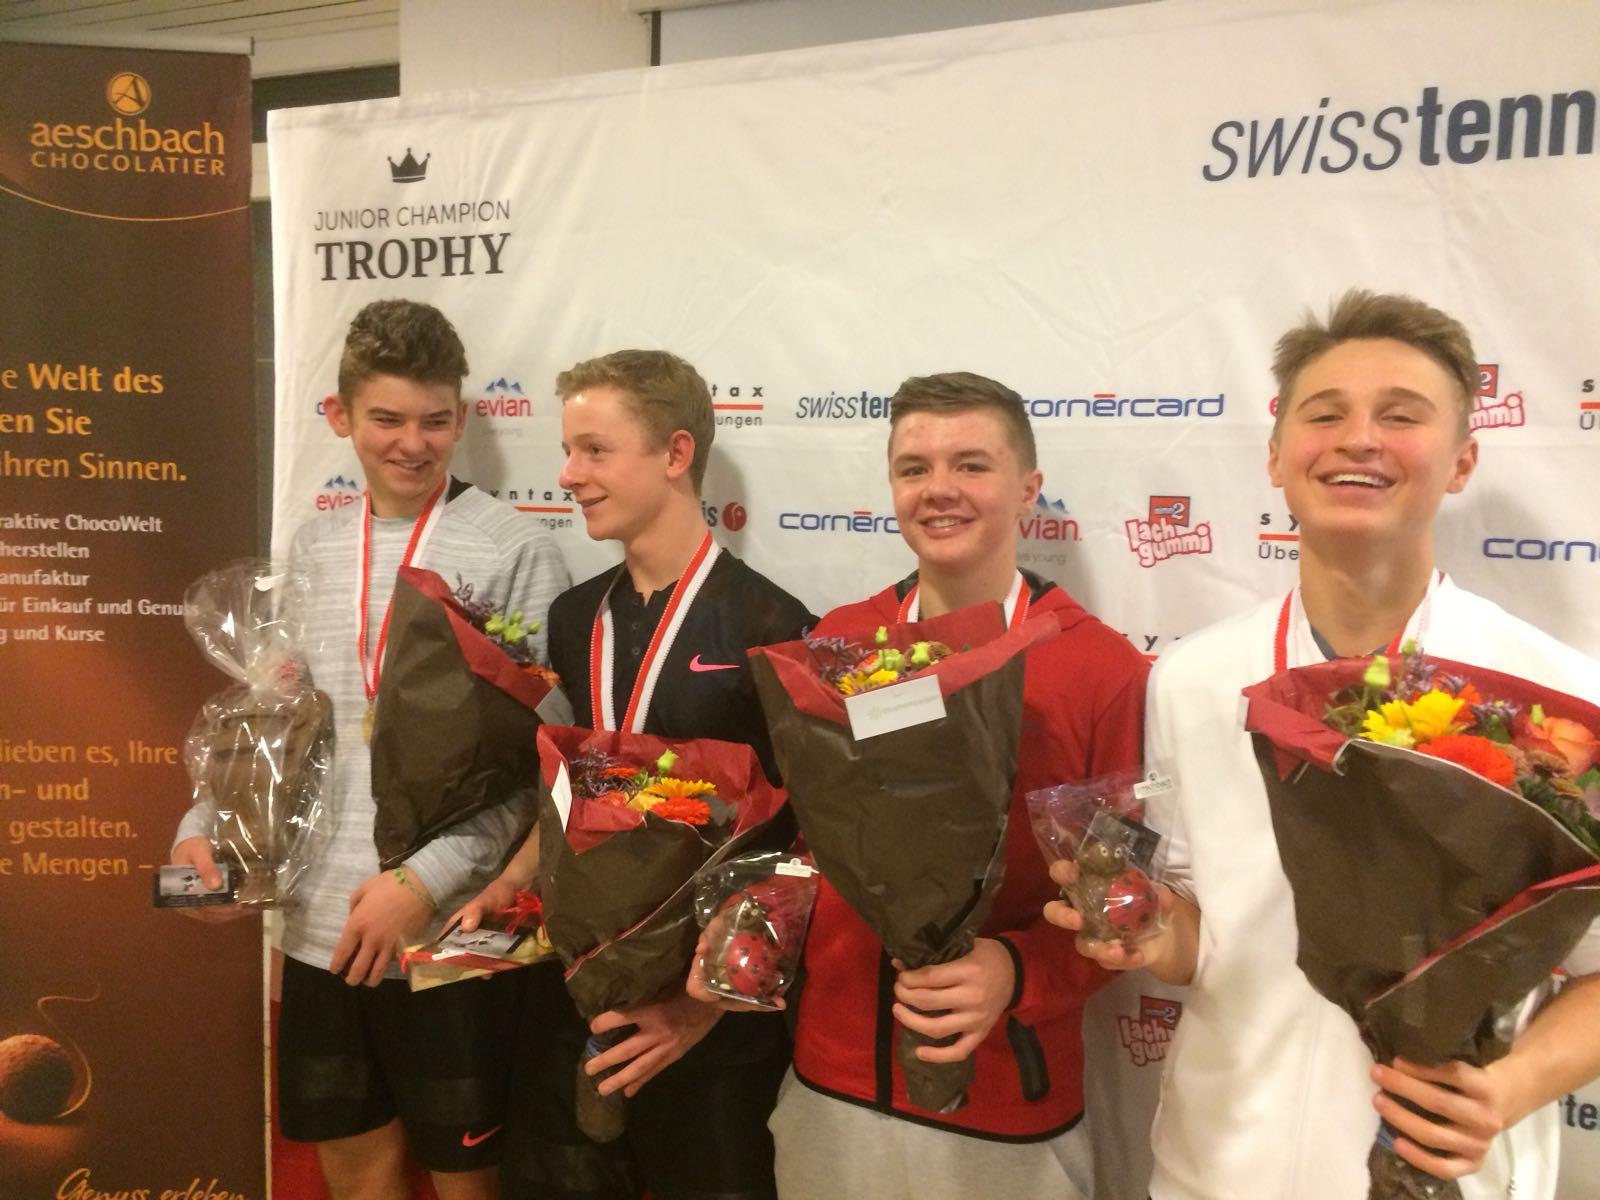 Alle vier Medaillengewinner